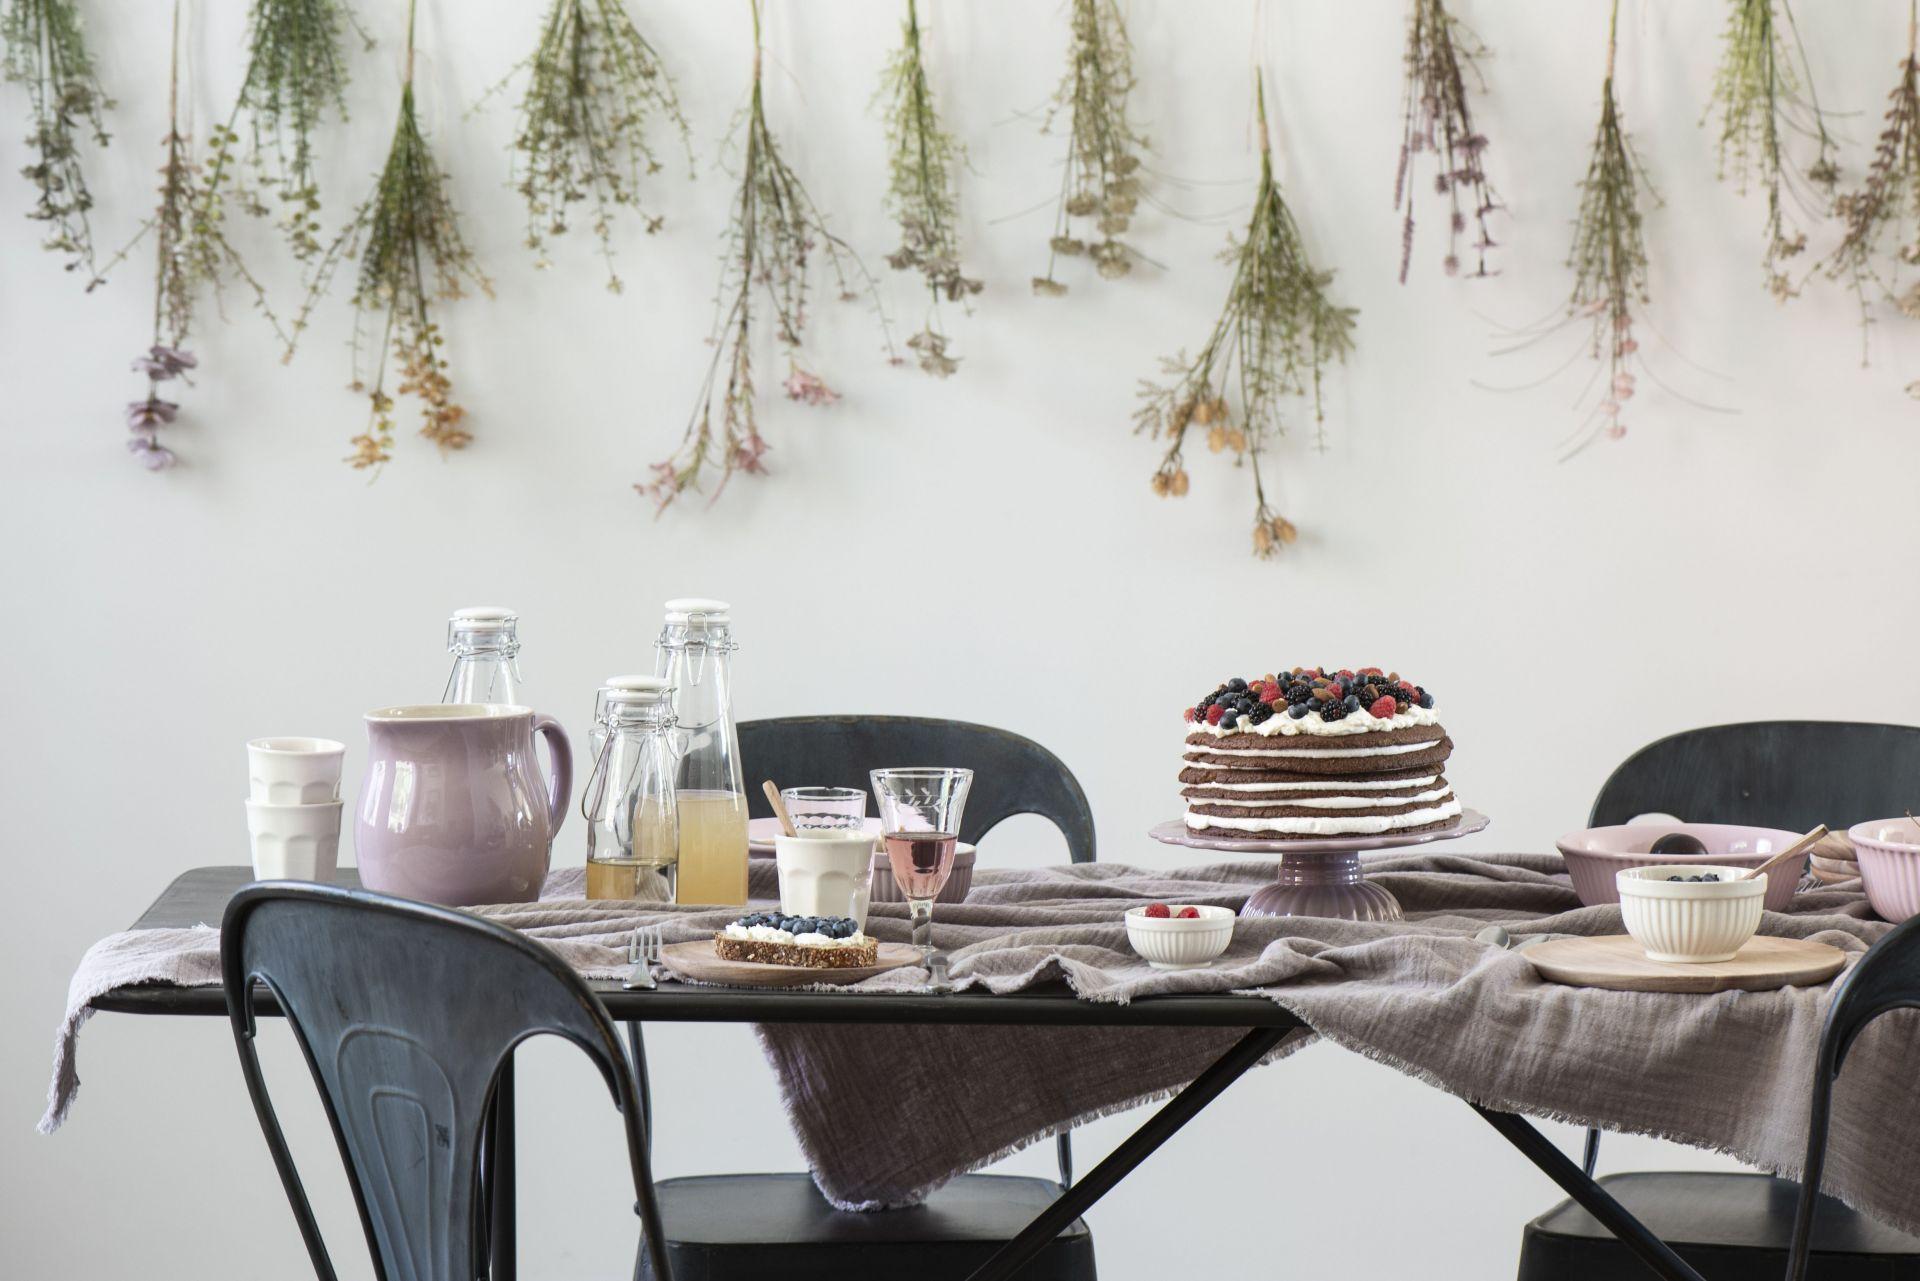 47395-dzban-mynte-lavender-2-5-l